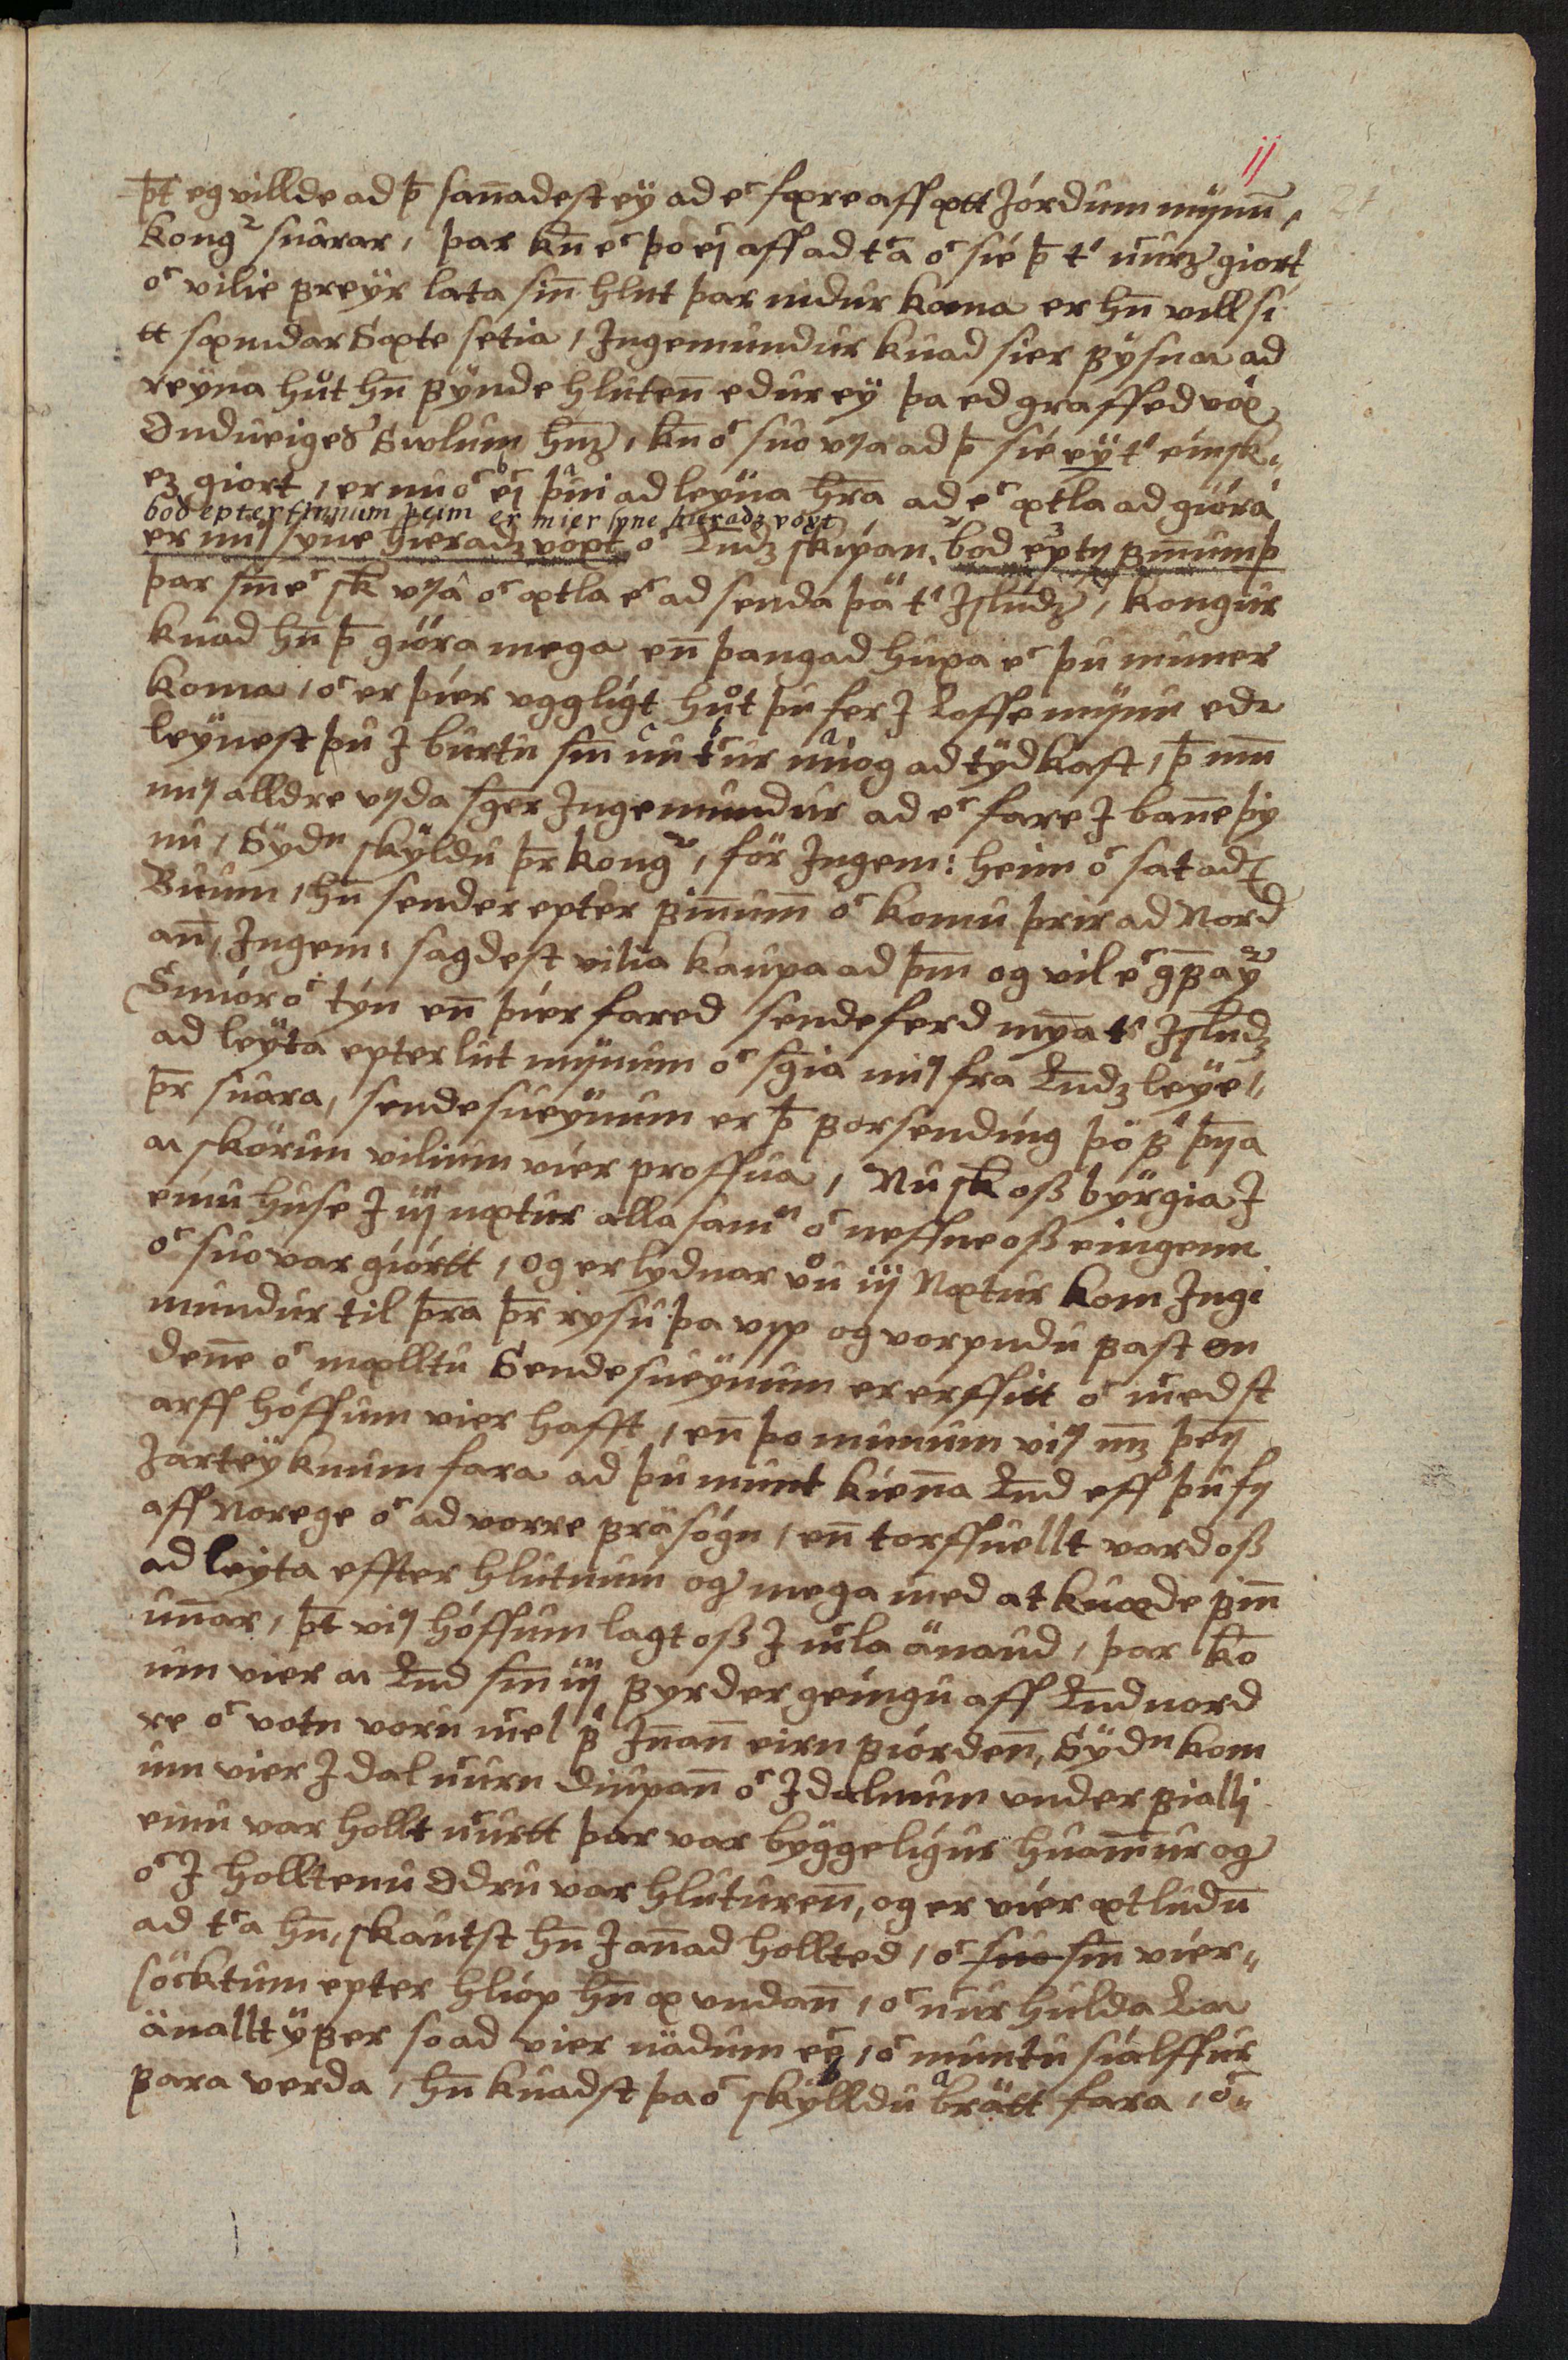 AM 138 fol - 11r